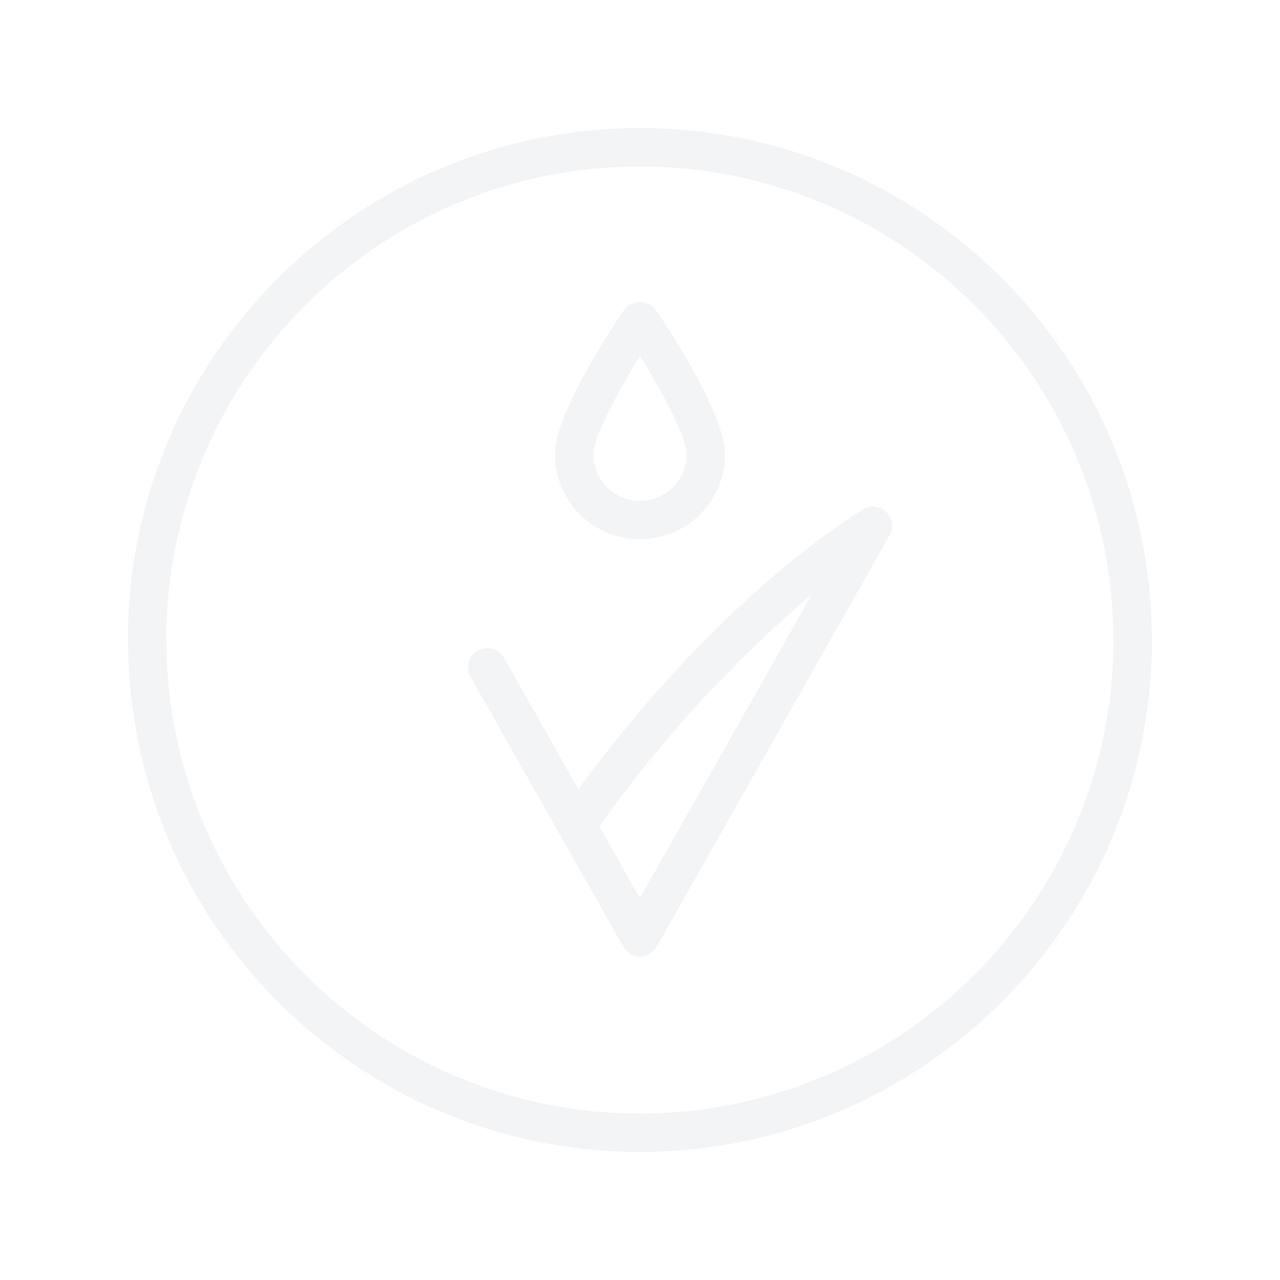 MILANI Everyday Eyeshadow Palette 6g